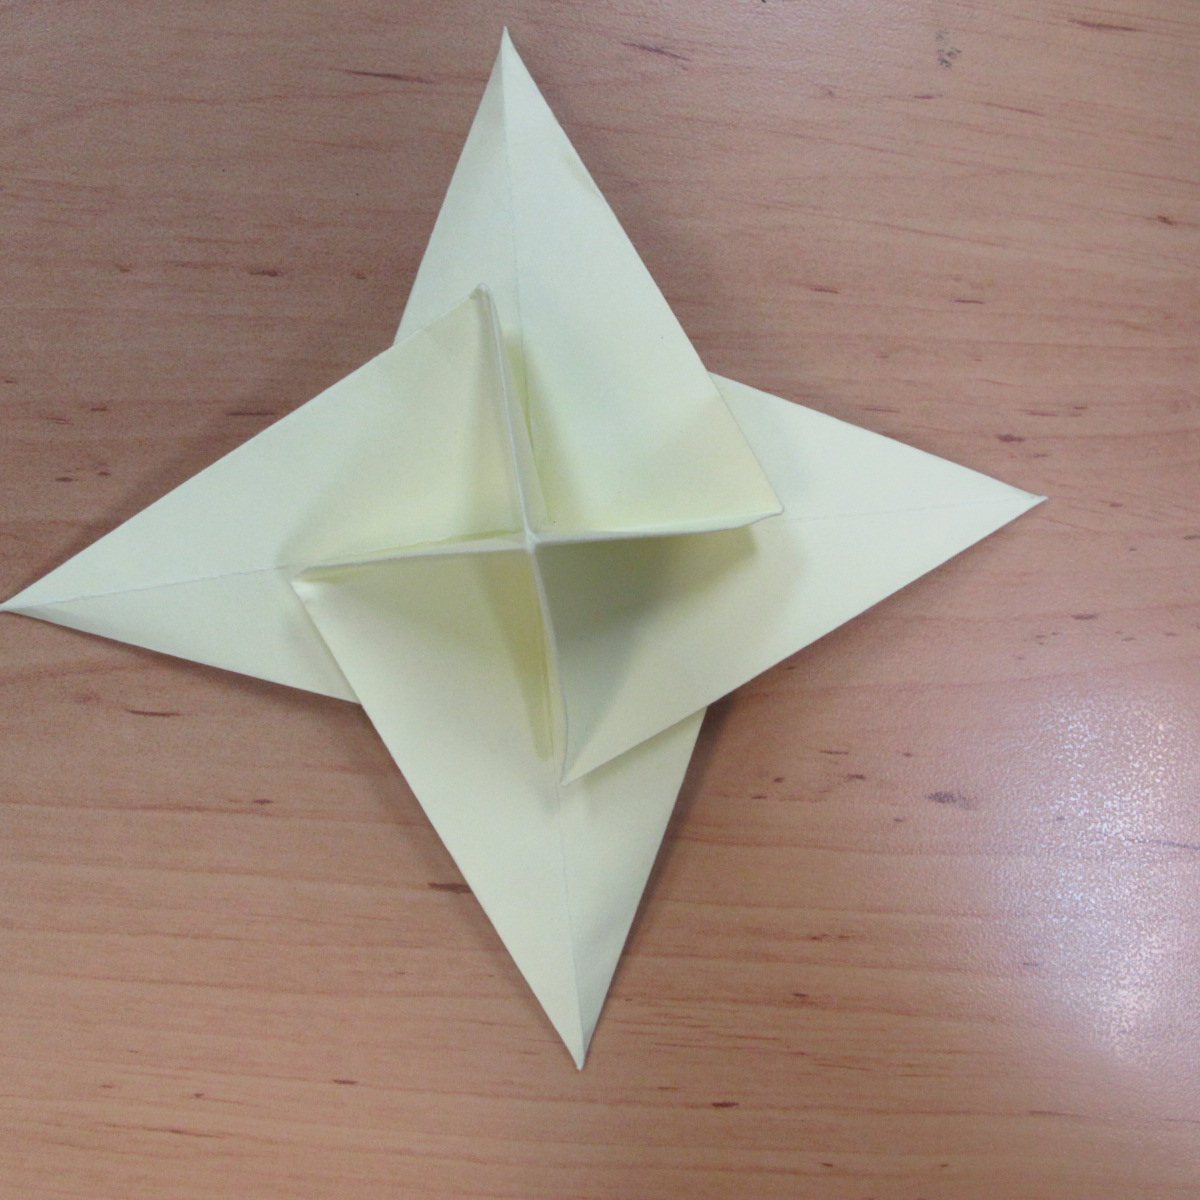 วิธีพับกระดาษเป็นดอกกุหลายแบบเกลียว 029